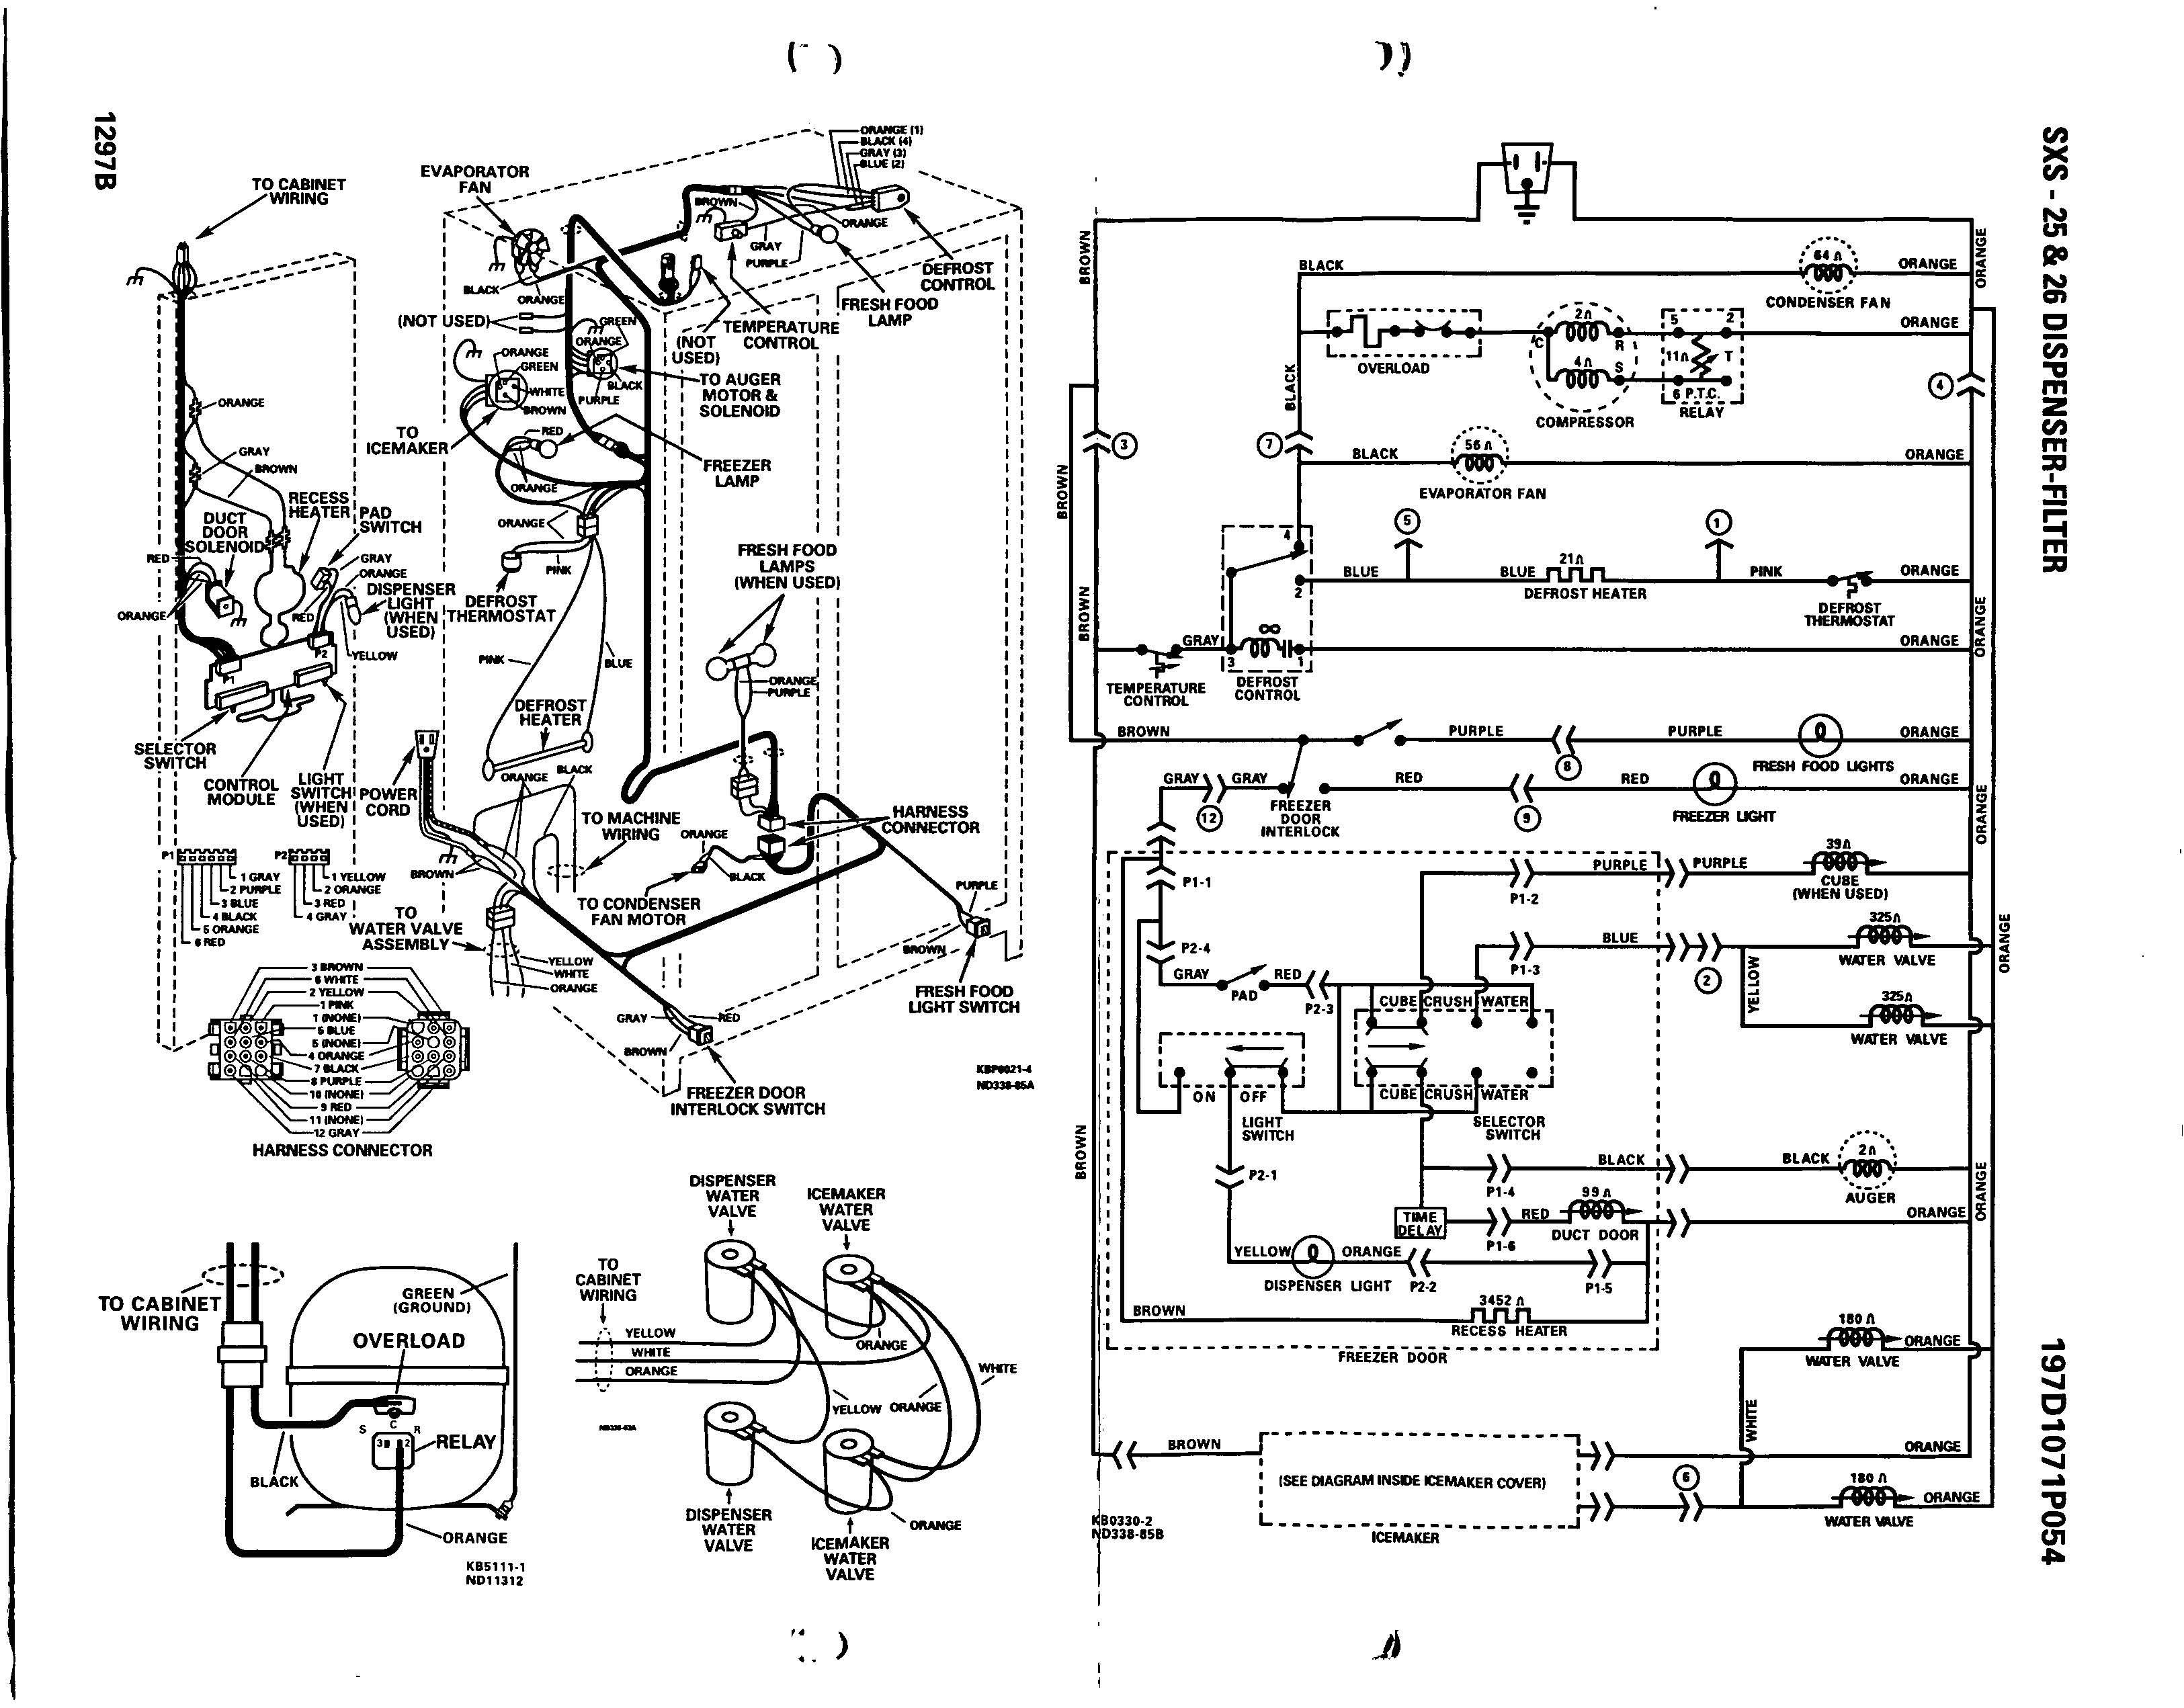 Ge Refrigerator Schematics - 30 | Ge Refrigerator Schematic Electrical |  | 30 30